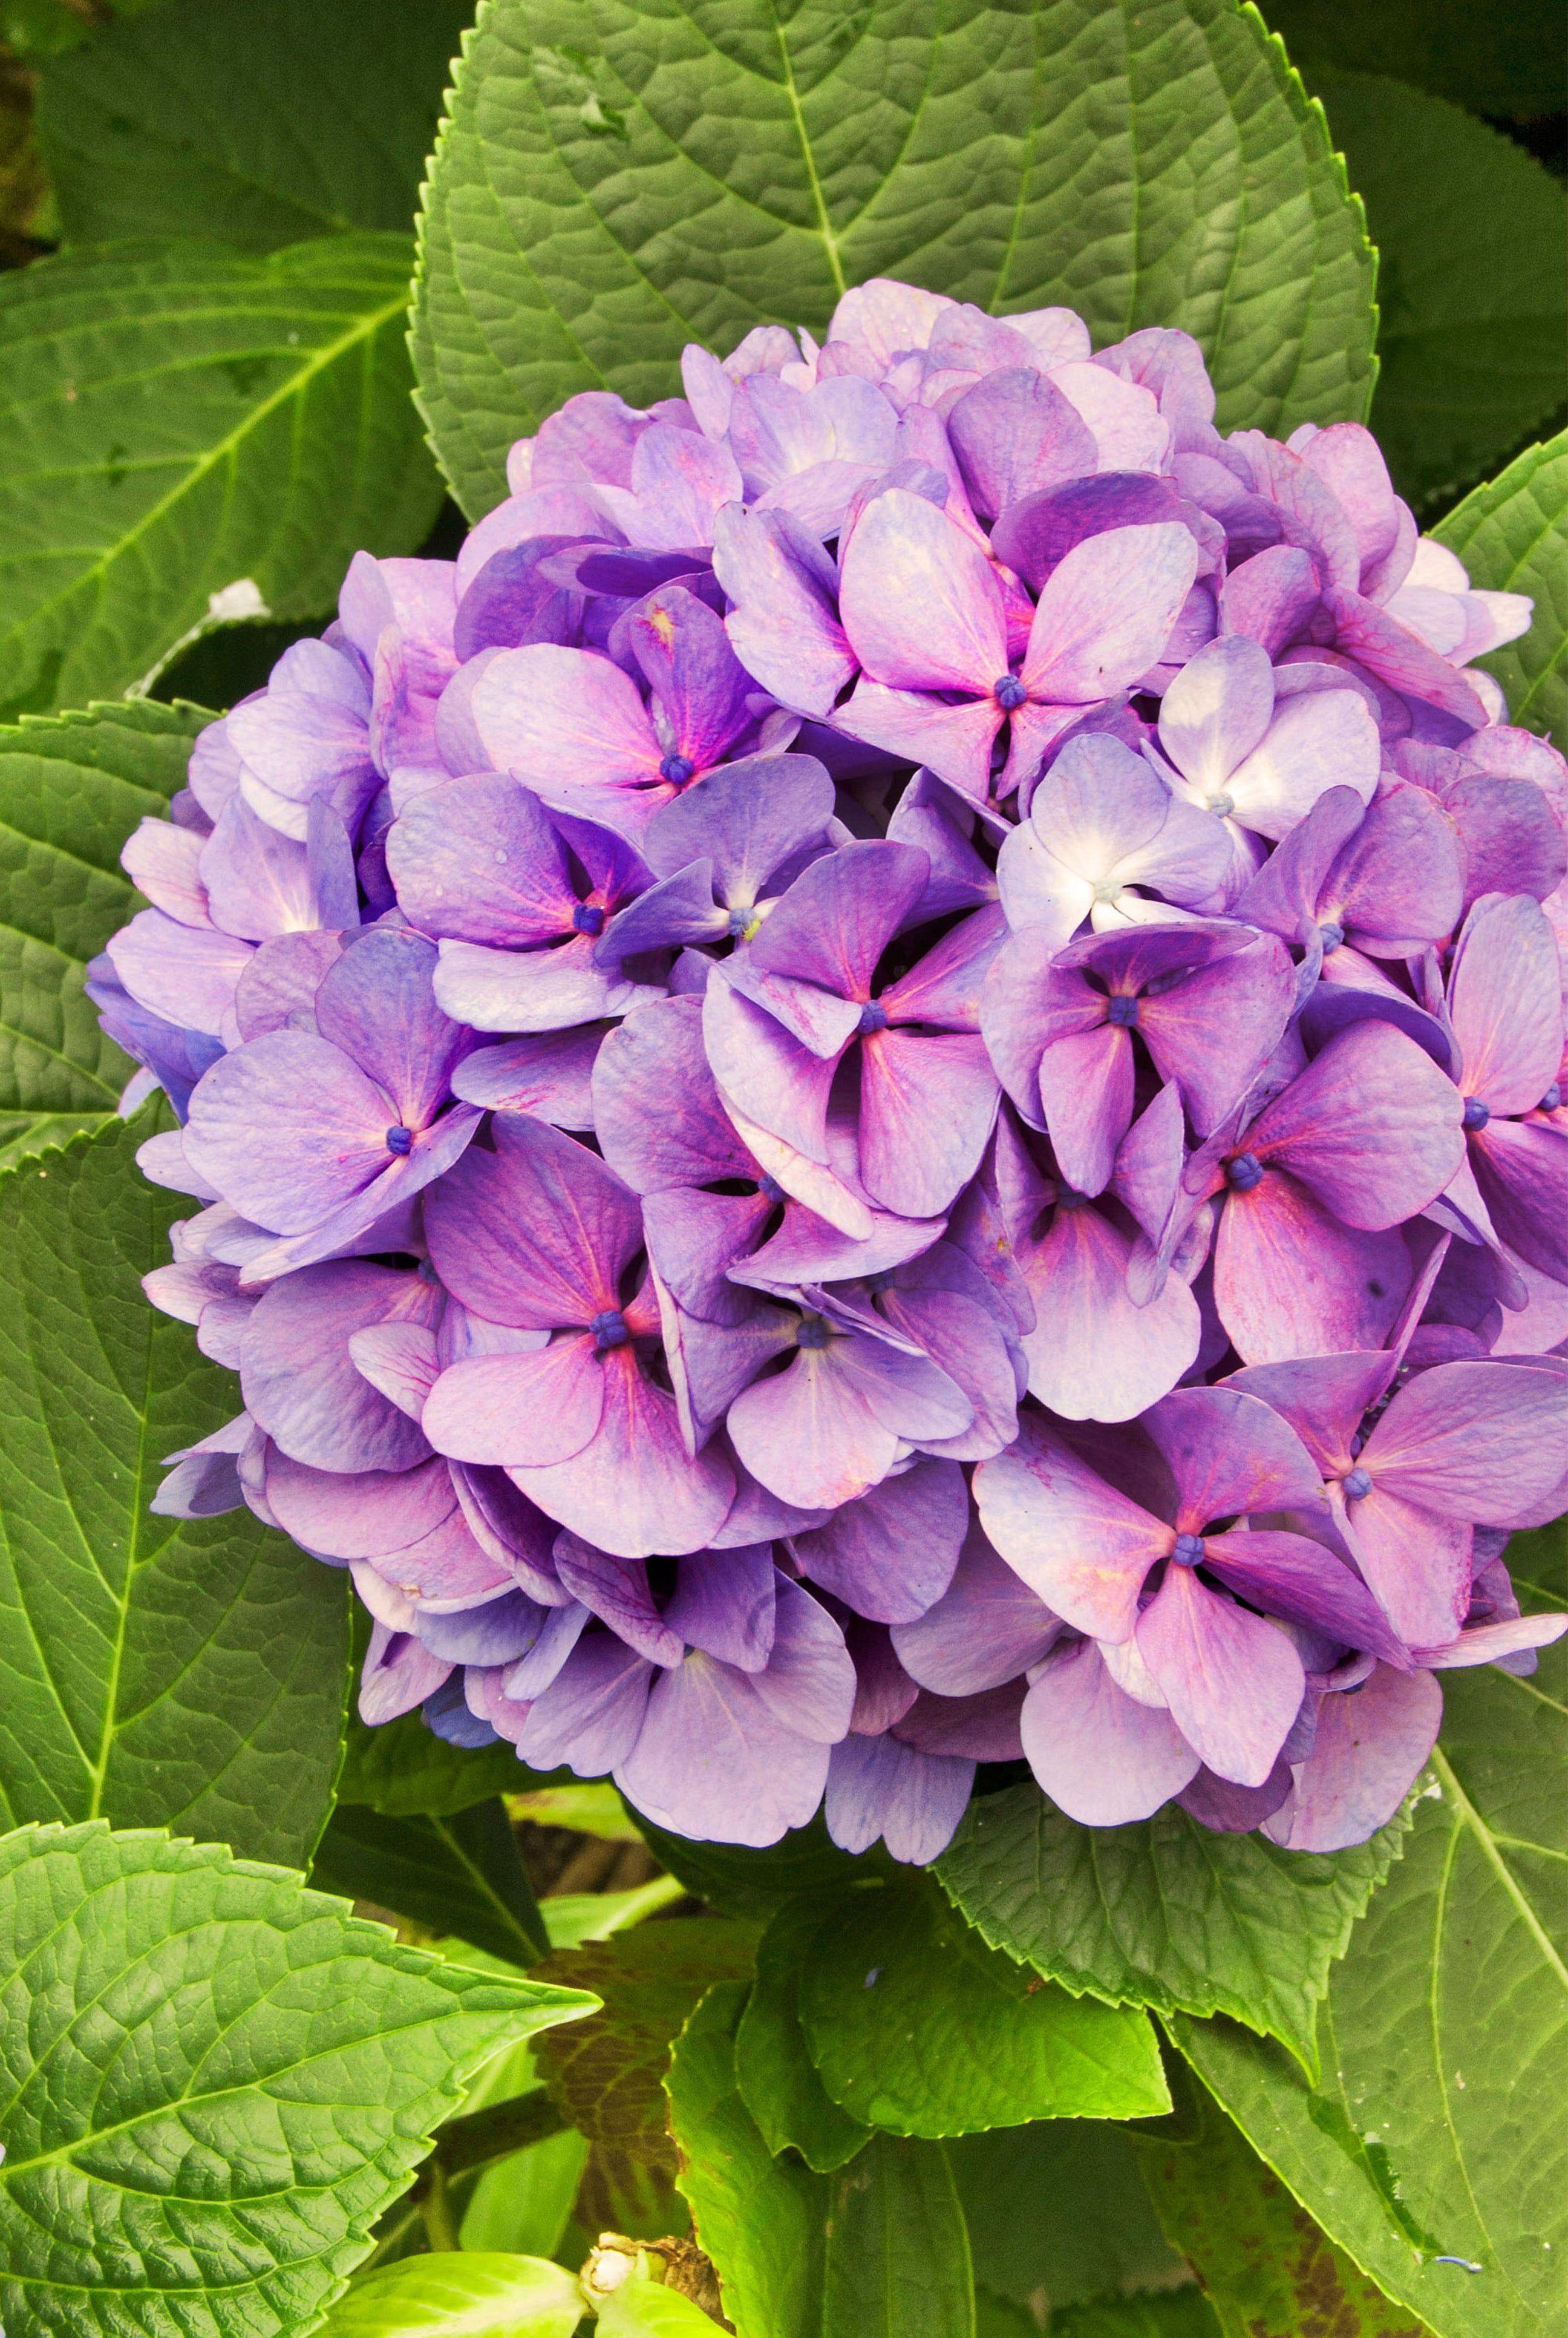 Hydrangea Flower pictures, Flower photos, Best flower